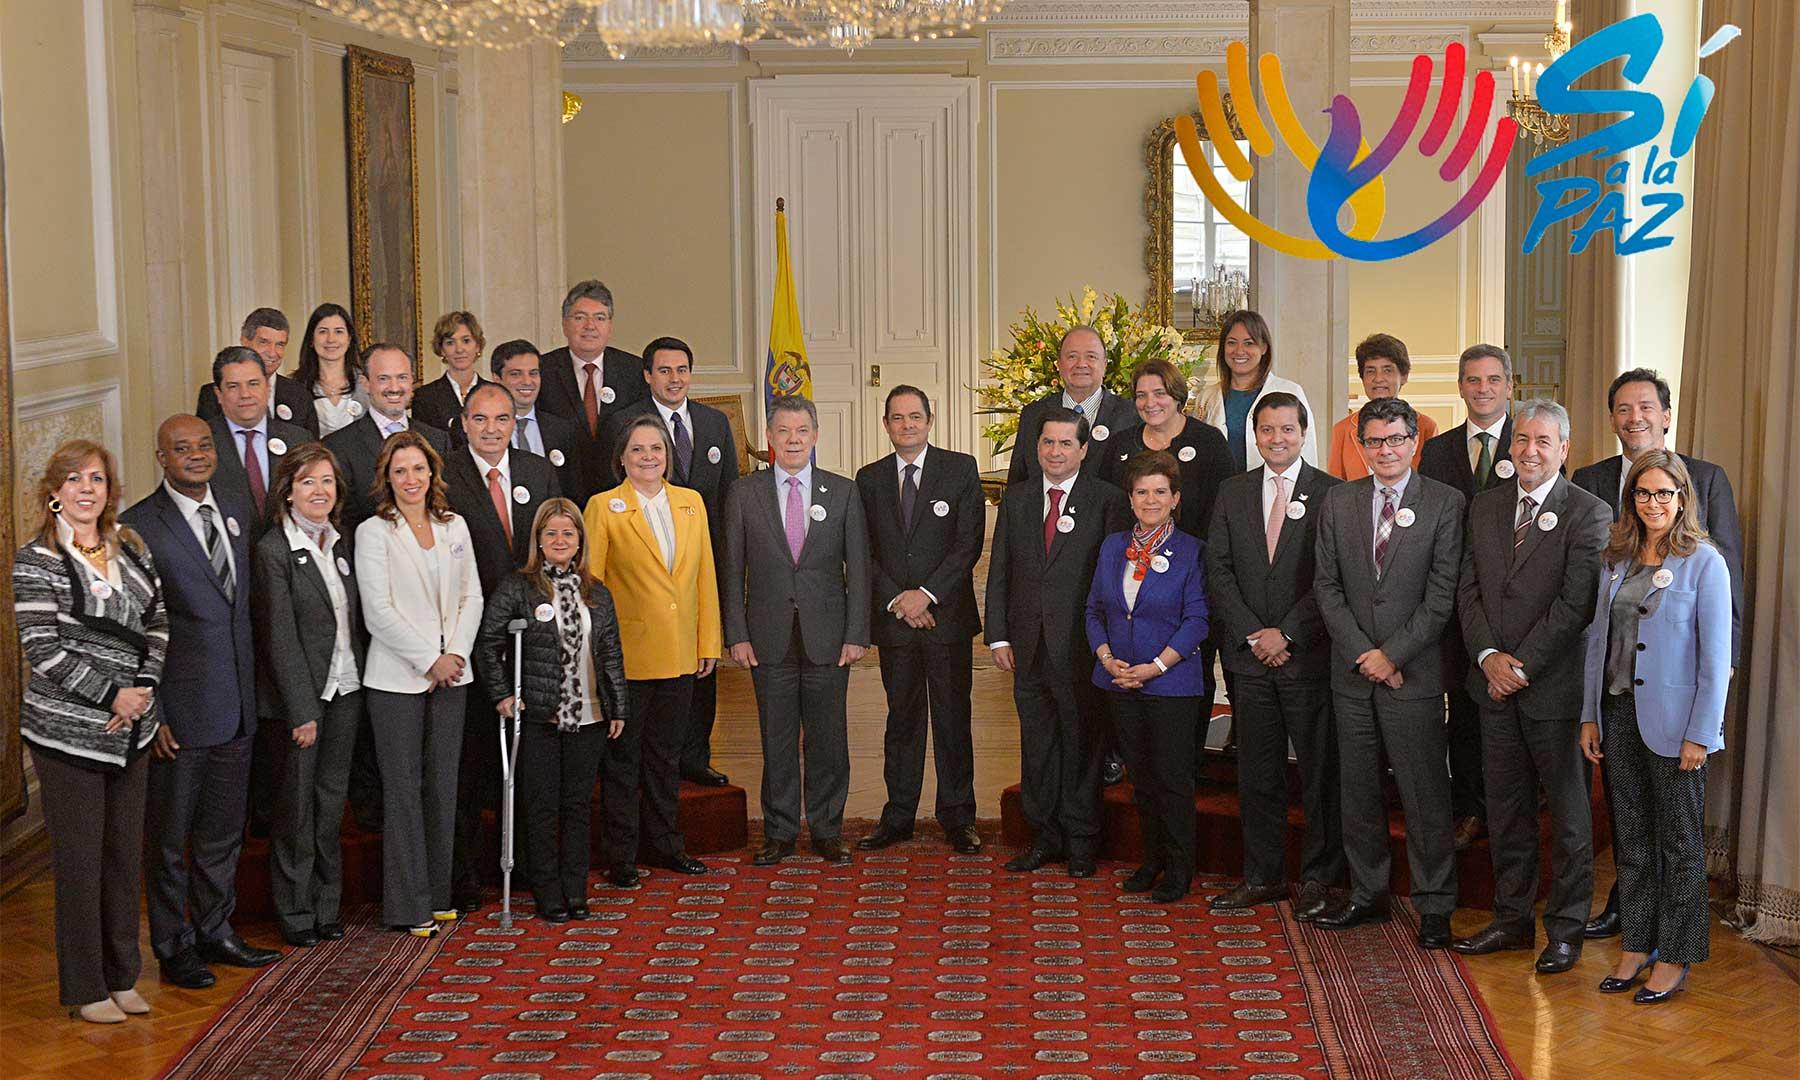 El Gabinete expresó este lunes su respaldo irrestricto a la paz. Al término del Consejo de Ministros, los miembros del equipo de gobierno rodearon al Jefe de Estado para colocarse el símbolo de la iniciativa #SíAlaPaz.